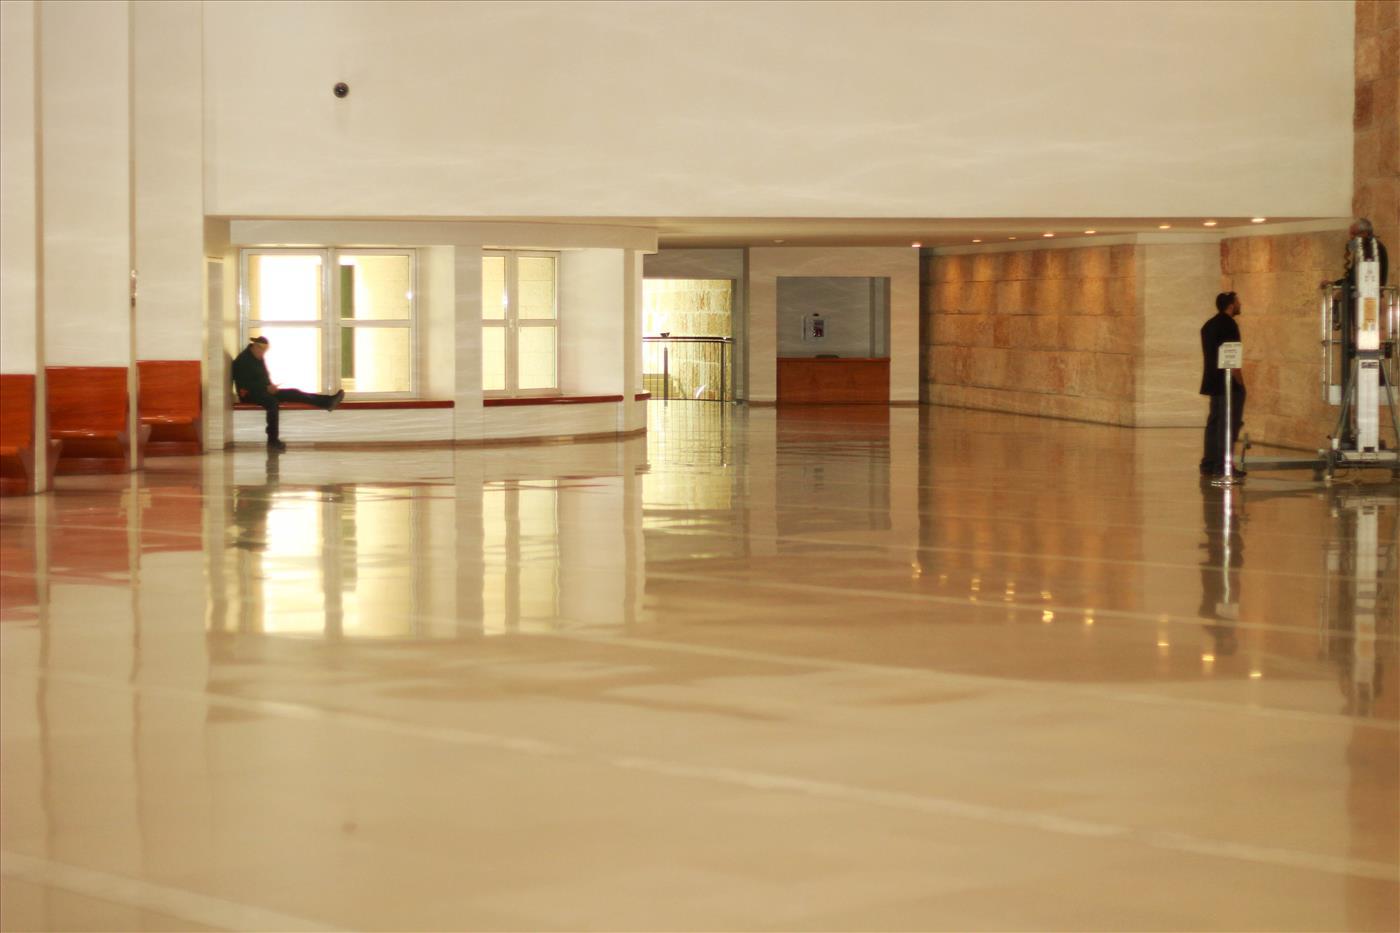 מסדרון בית המשפט העליון צילום: יהודה פרל